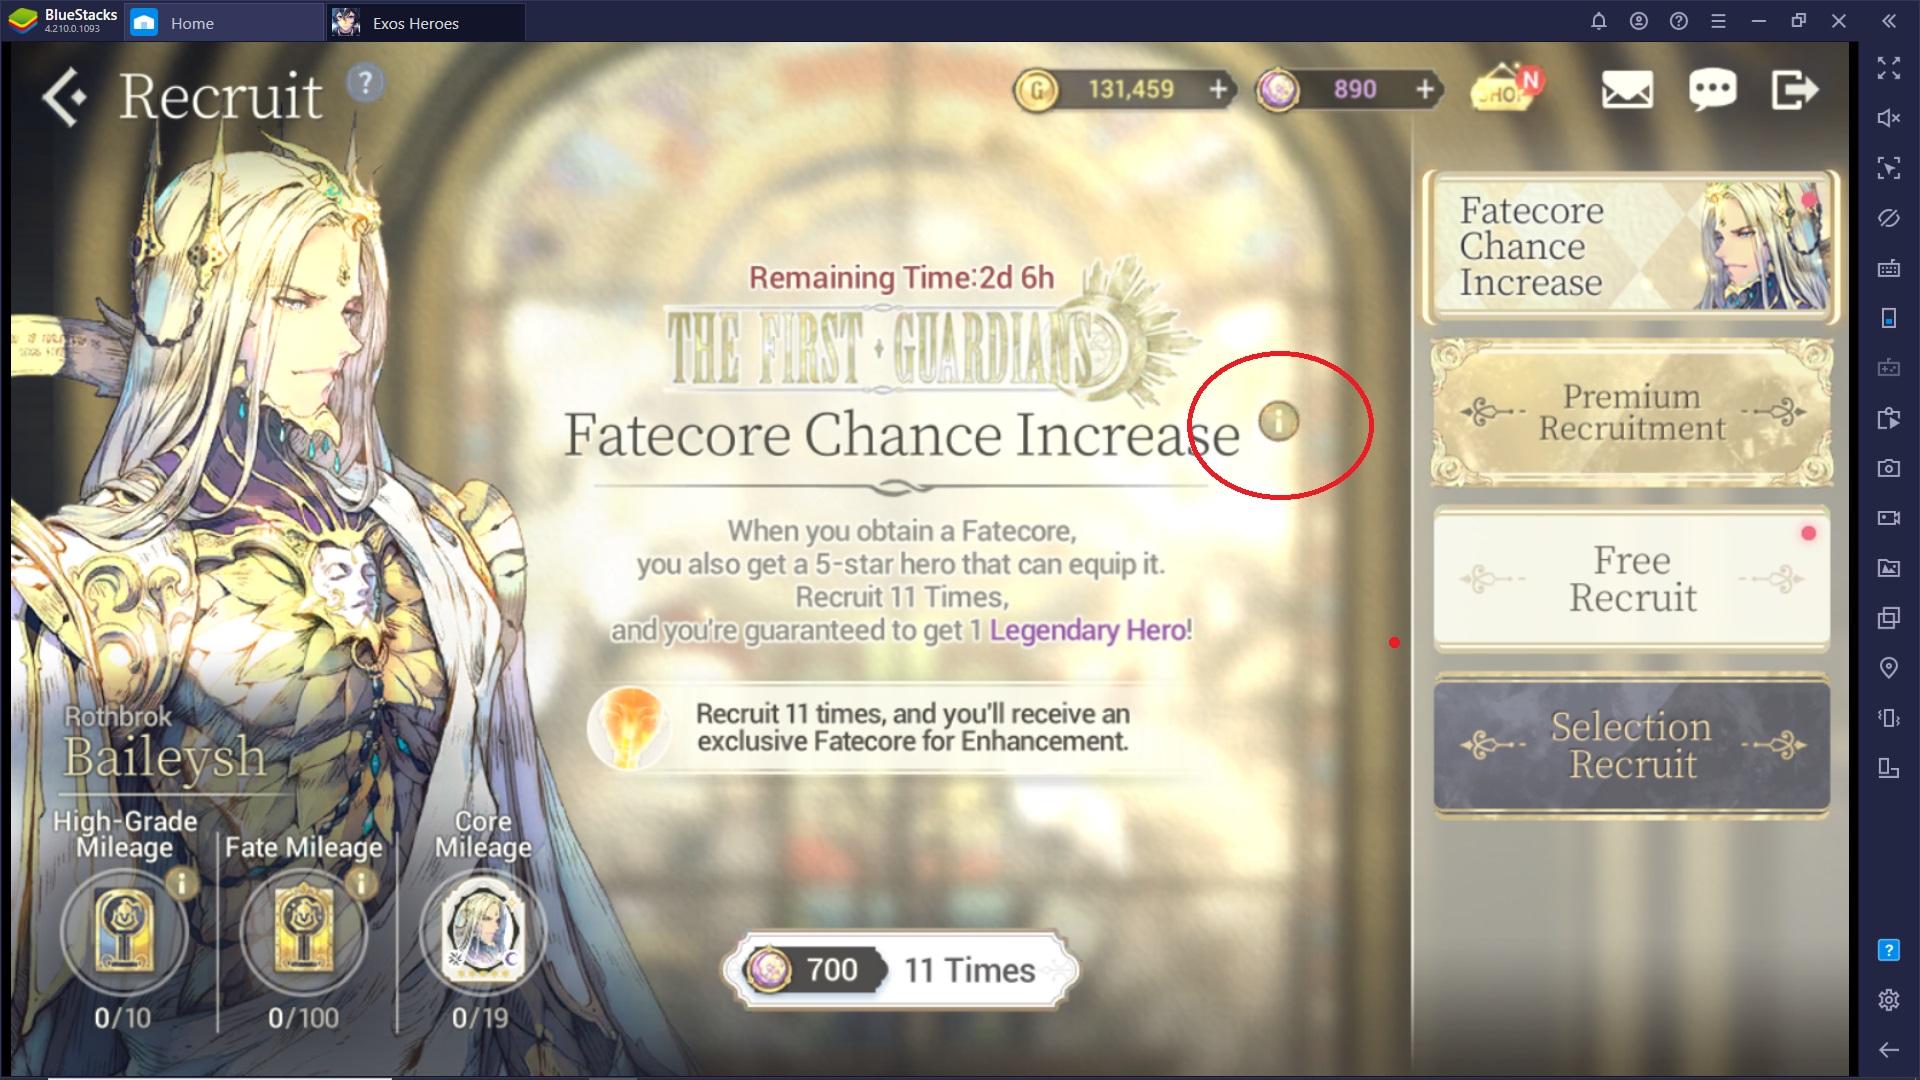 Sfrutta il Reroll in Exos Heroes per reclutare personaggi più rari